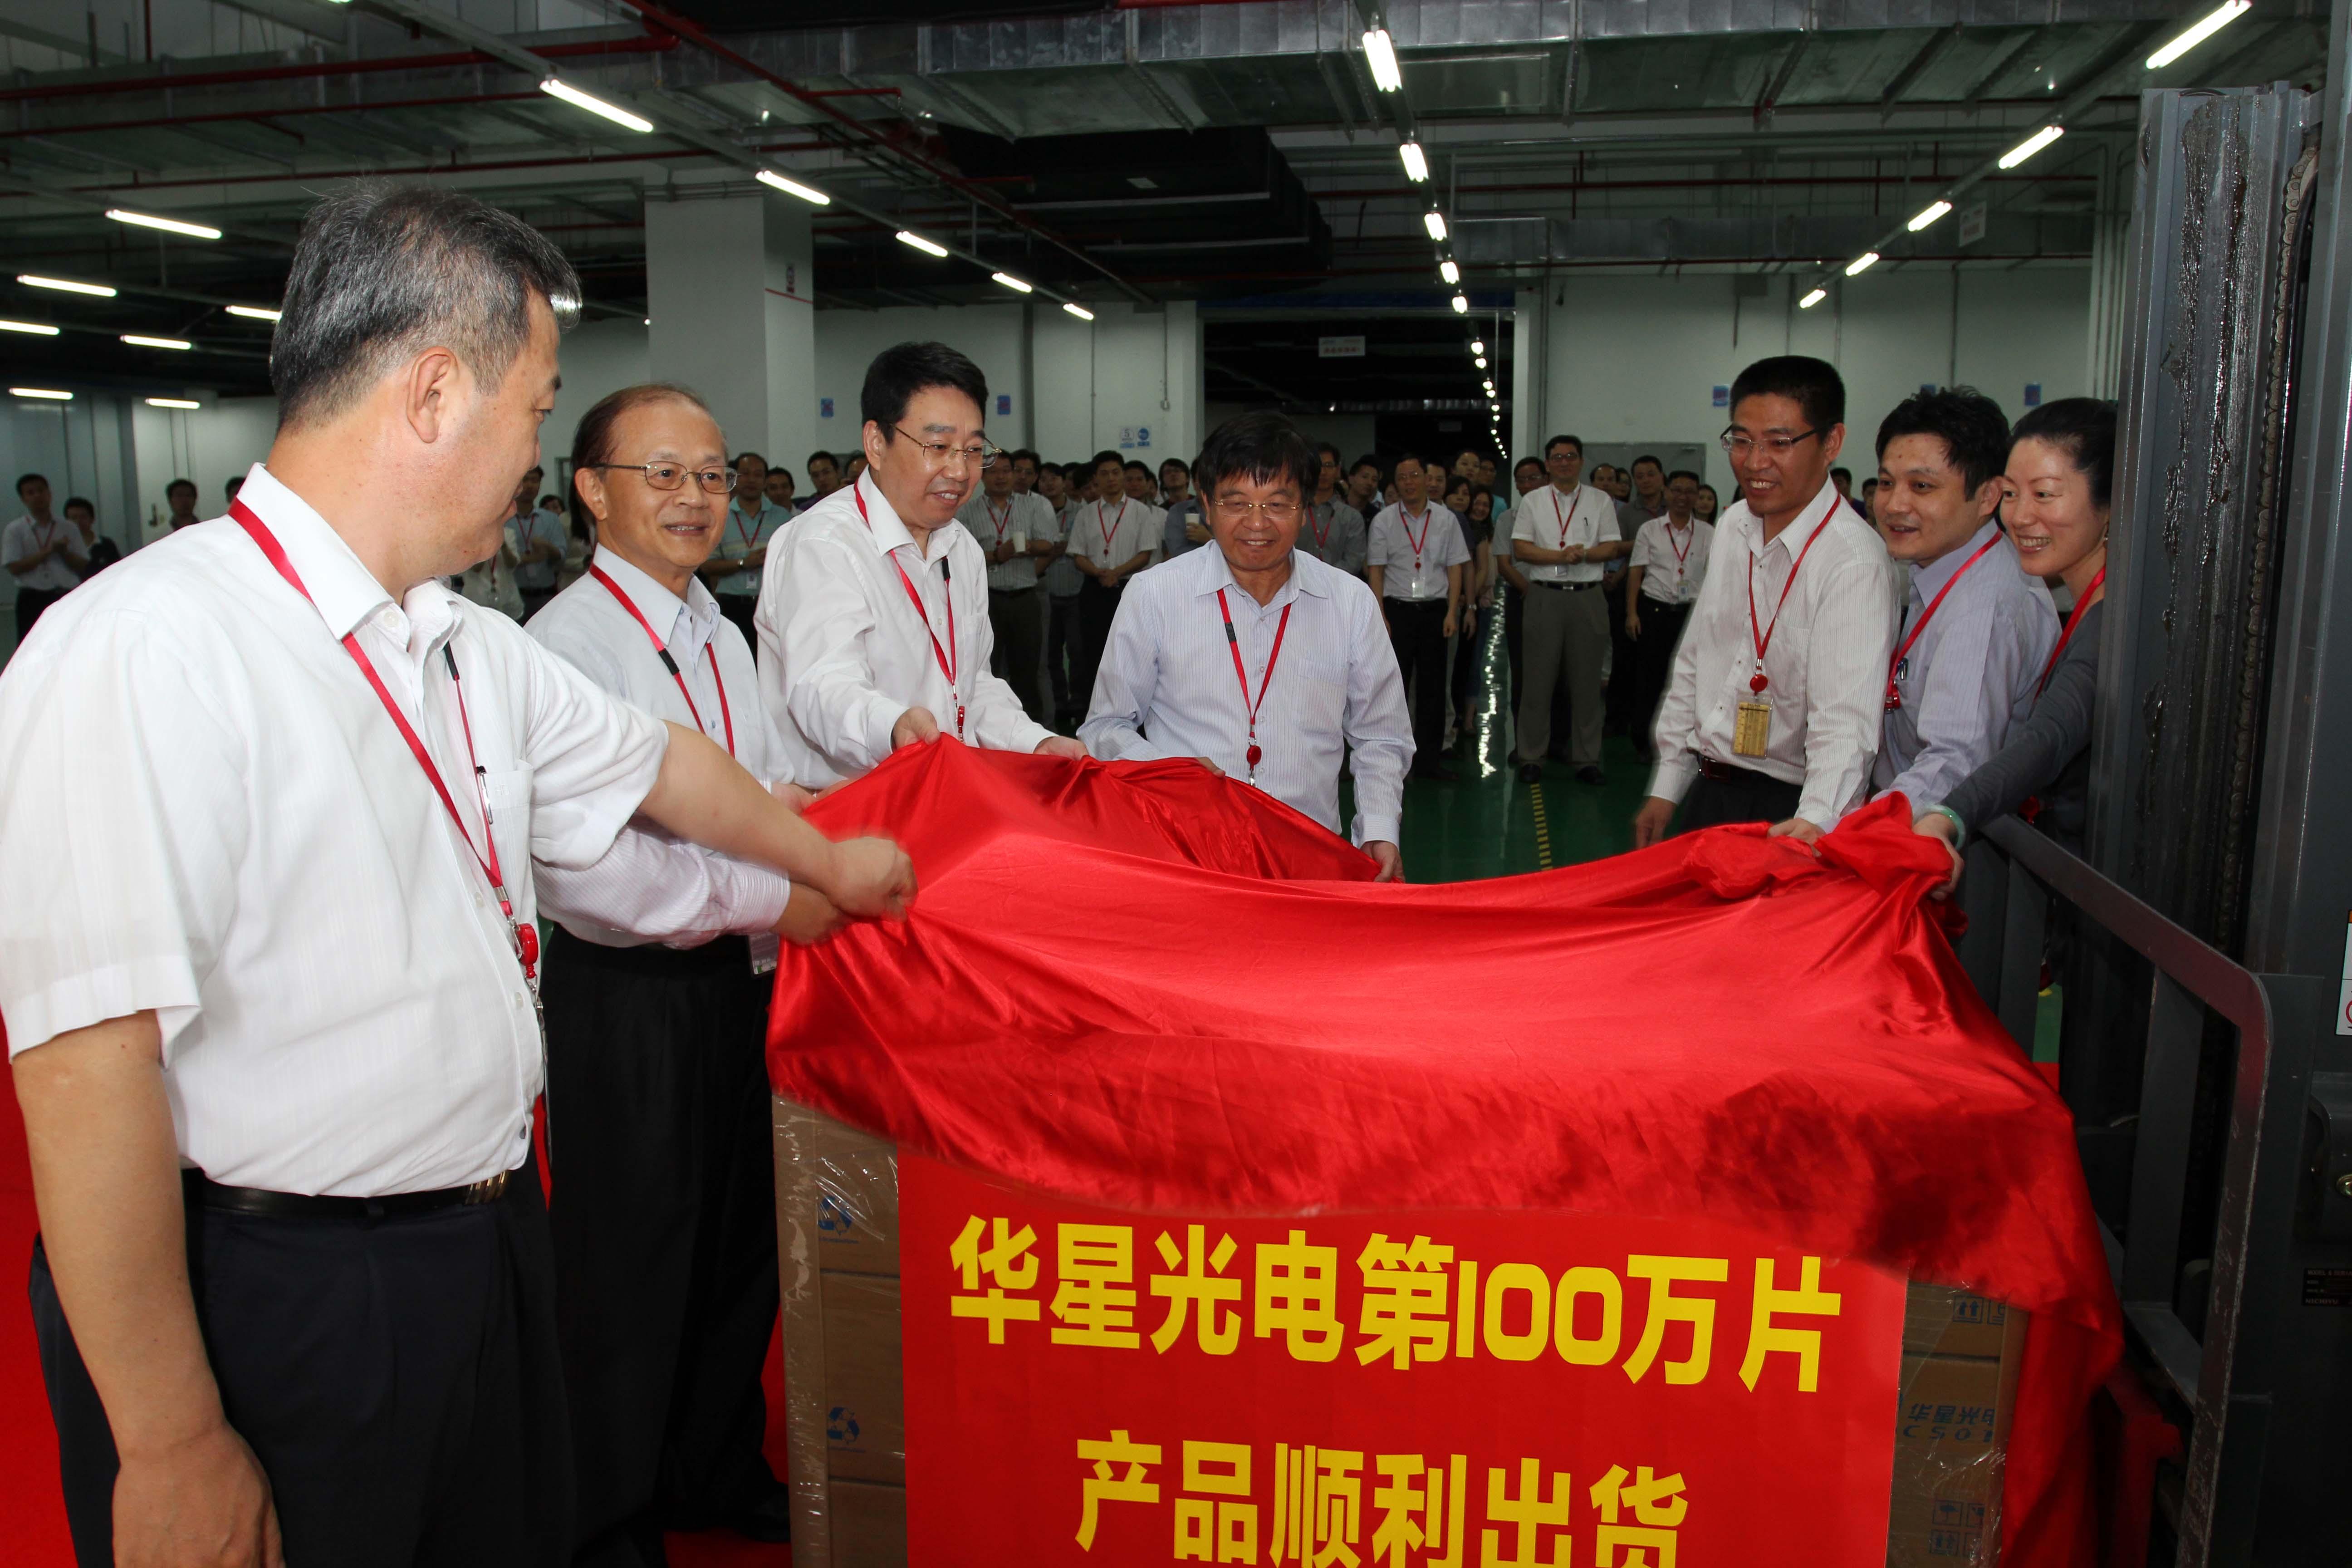 华星光电自去年10月量产以来产品累计销售出货量超过100万片。